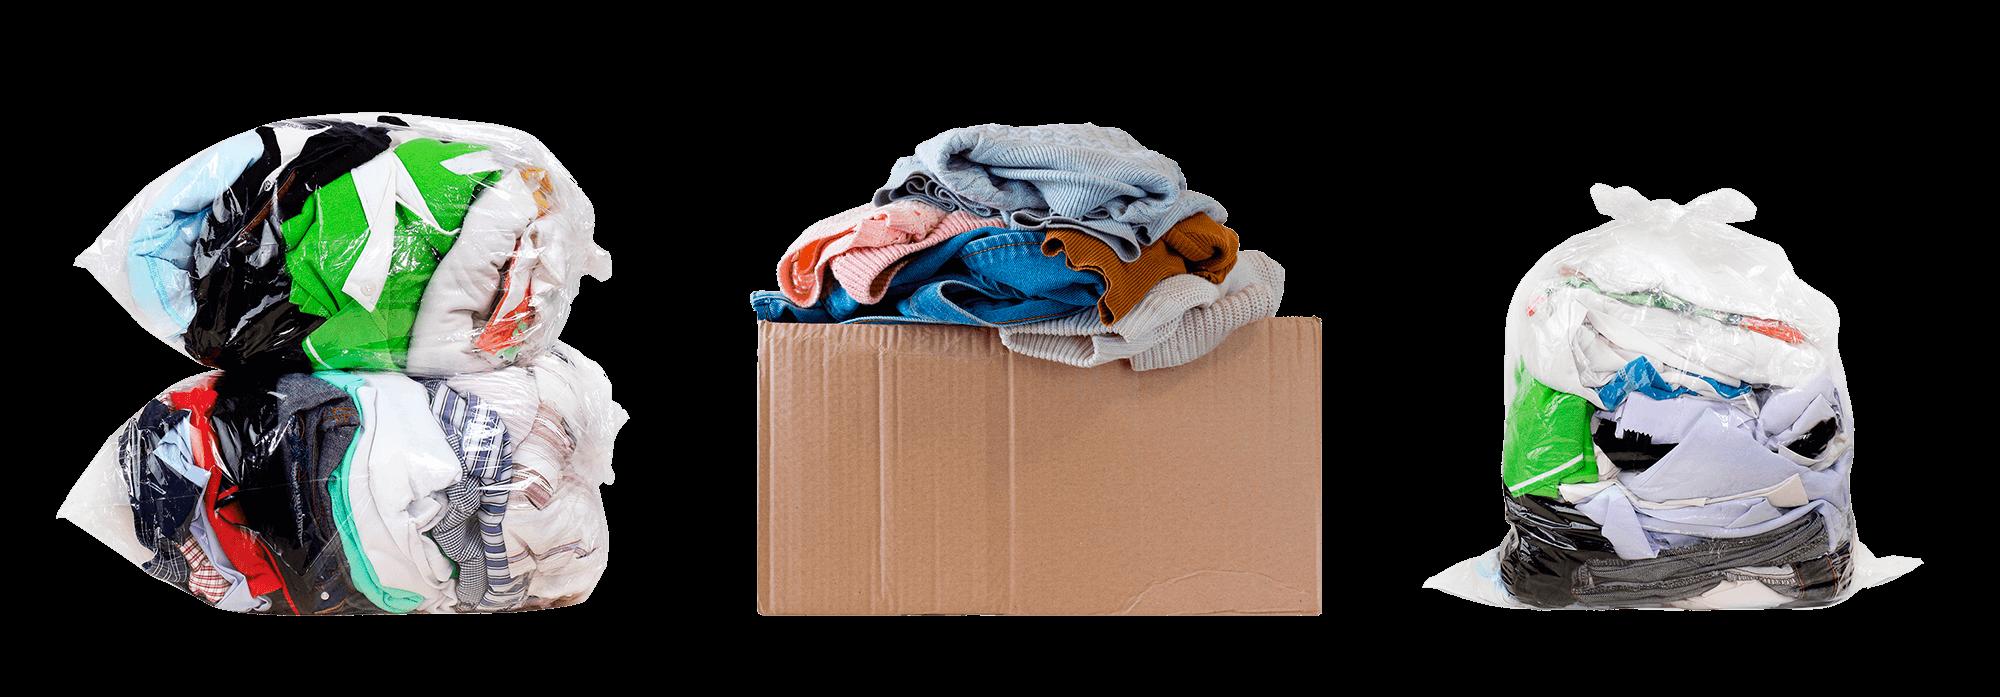 25 благотворительных организаций, которым можно пожертвовать ненужные вещи